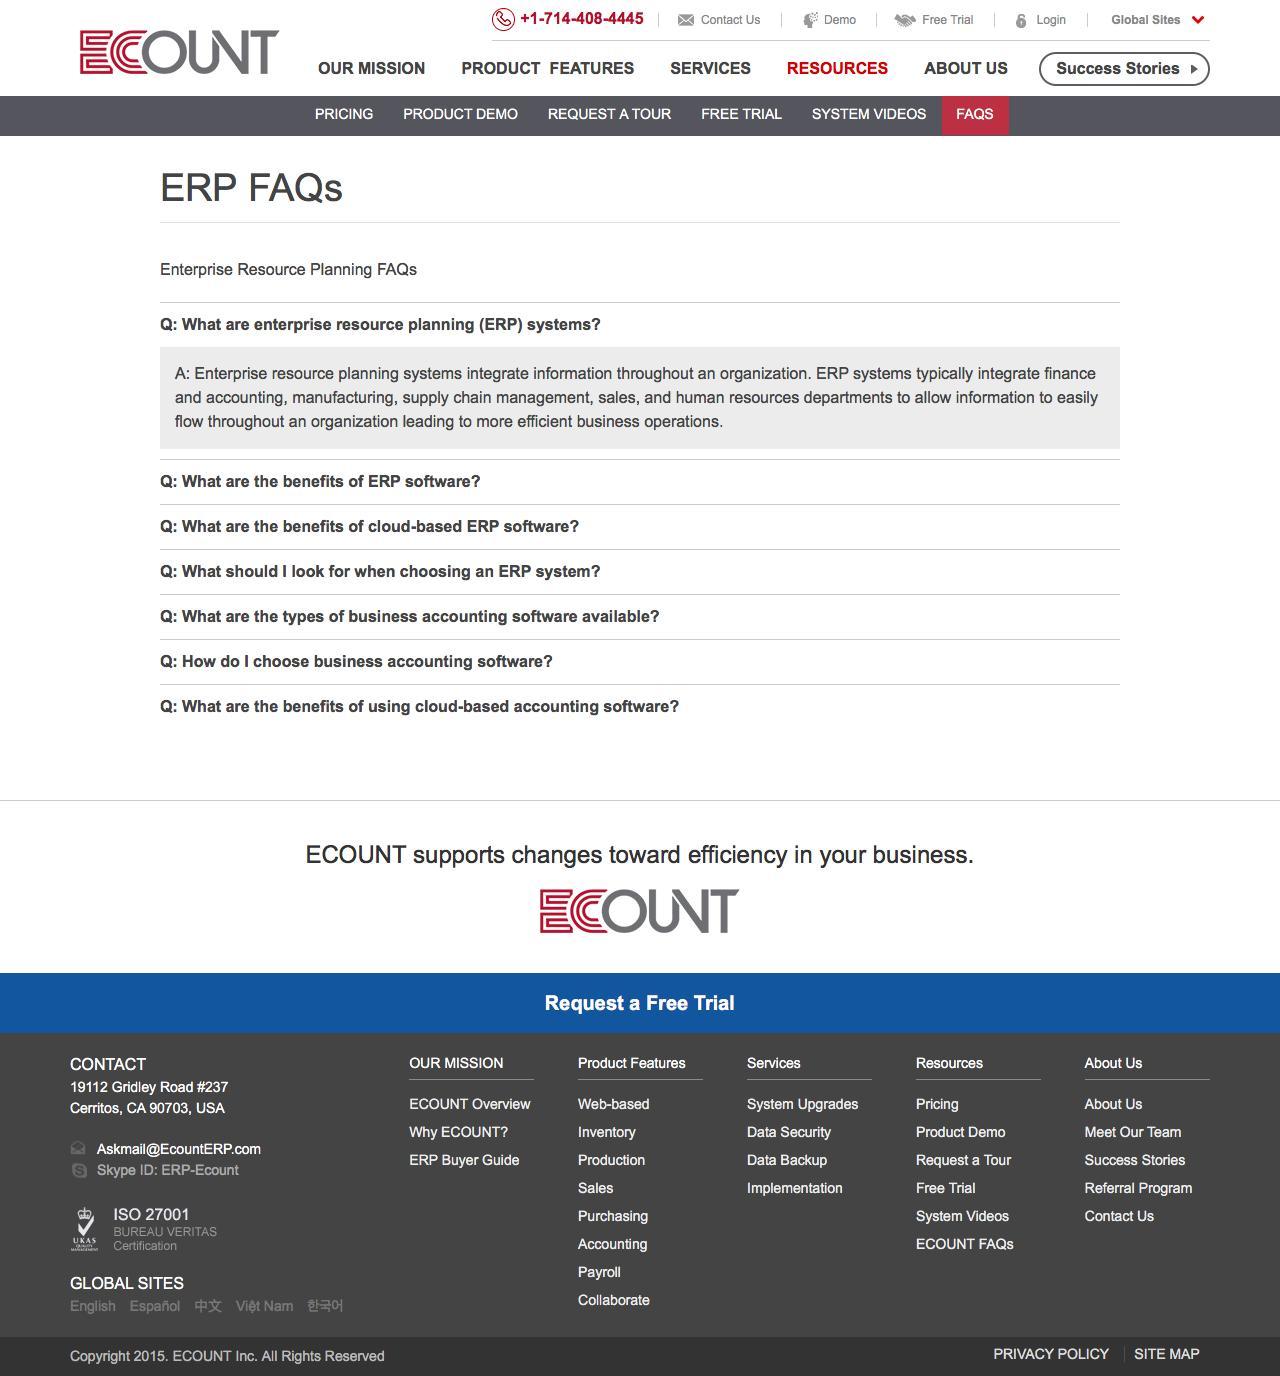 Web Design Example | A page on ecounterp com | Crayon